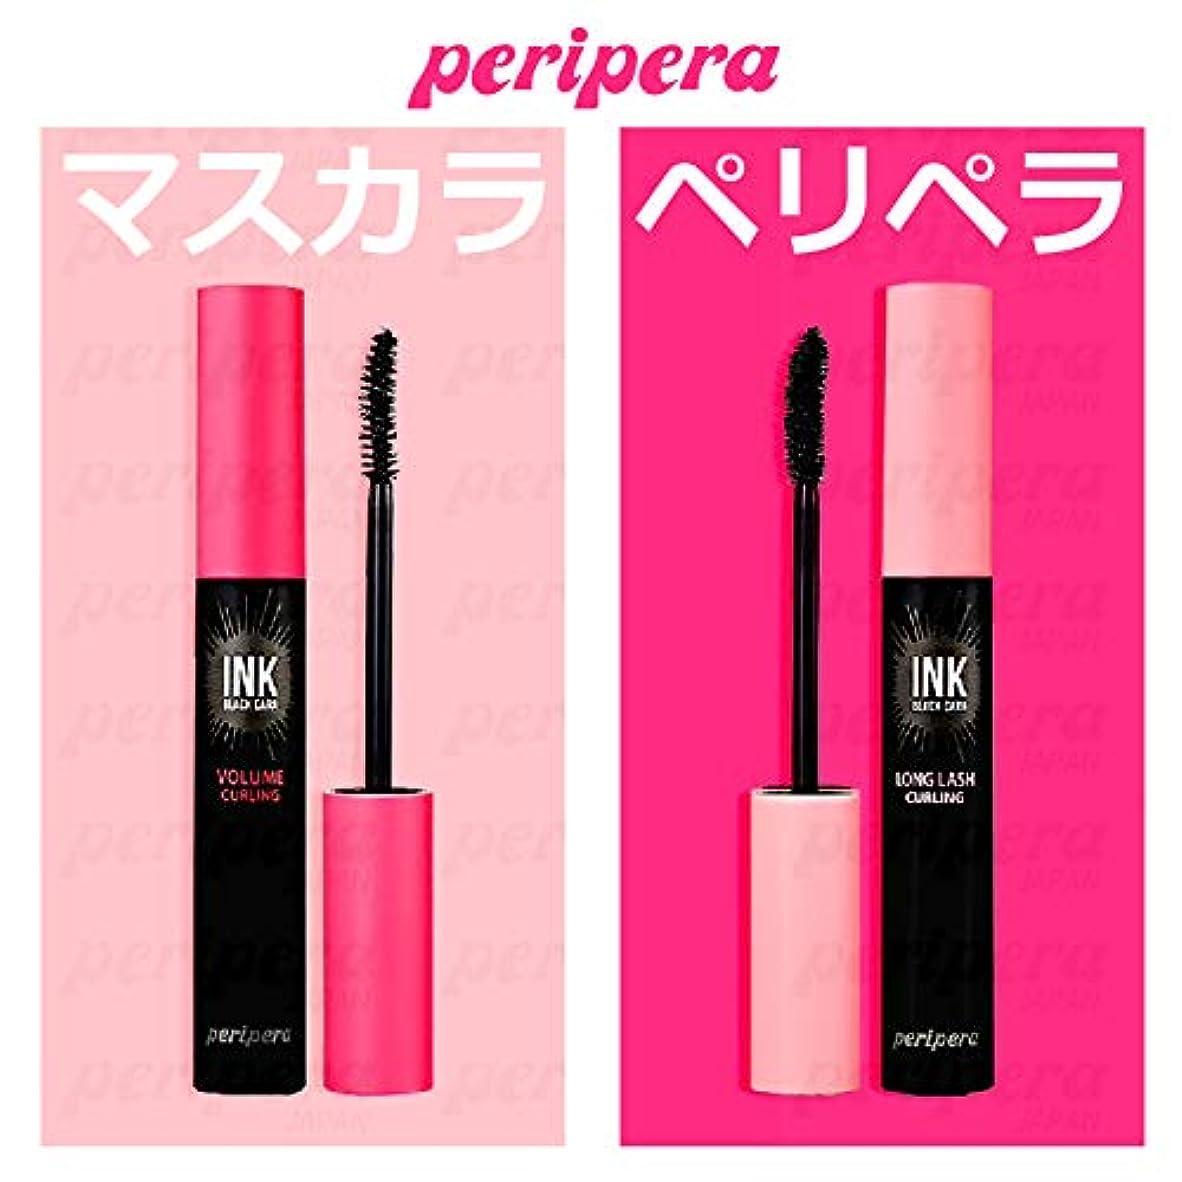 ふくろうクリーム楽観的[New] Peripera Ink Black Cara (#2 Volume Curling)/ペリペラ インクブラックカラ(#2ボリューム) [並行輸入品]